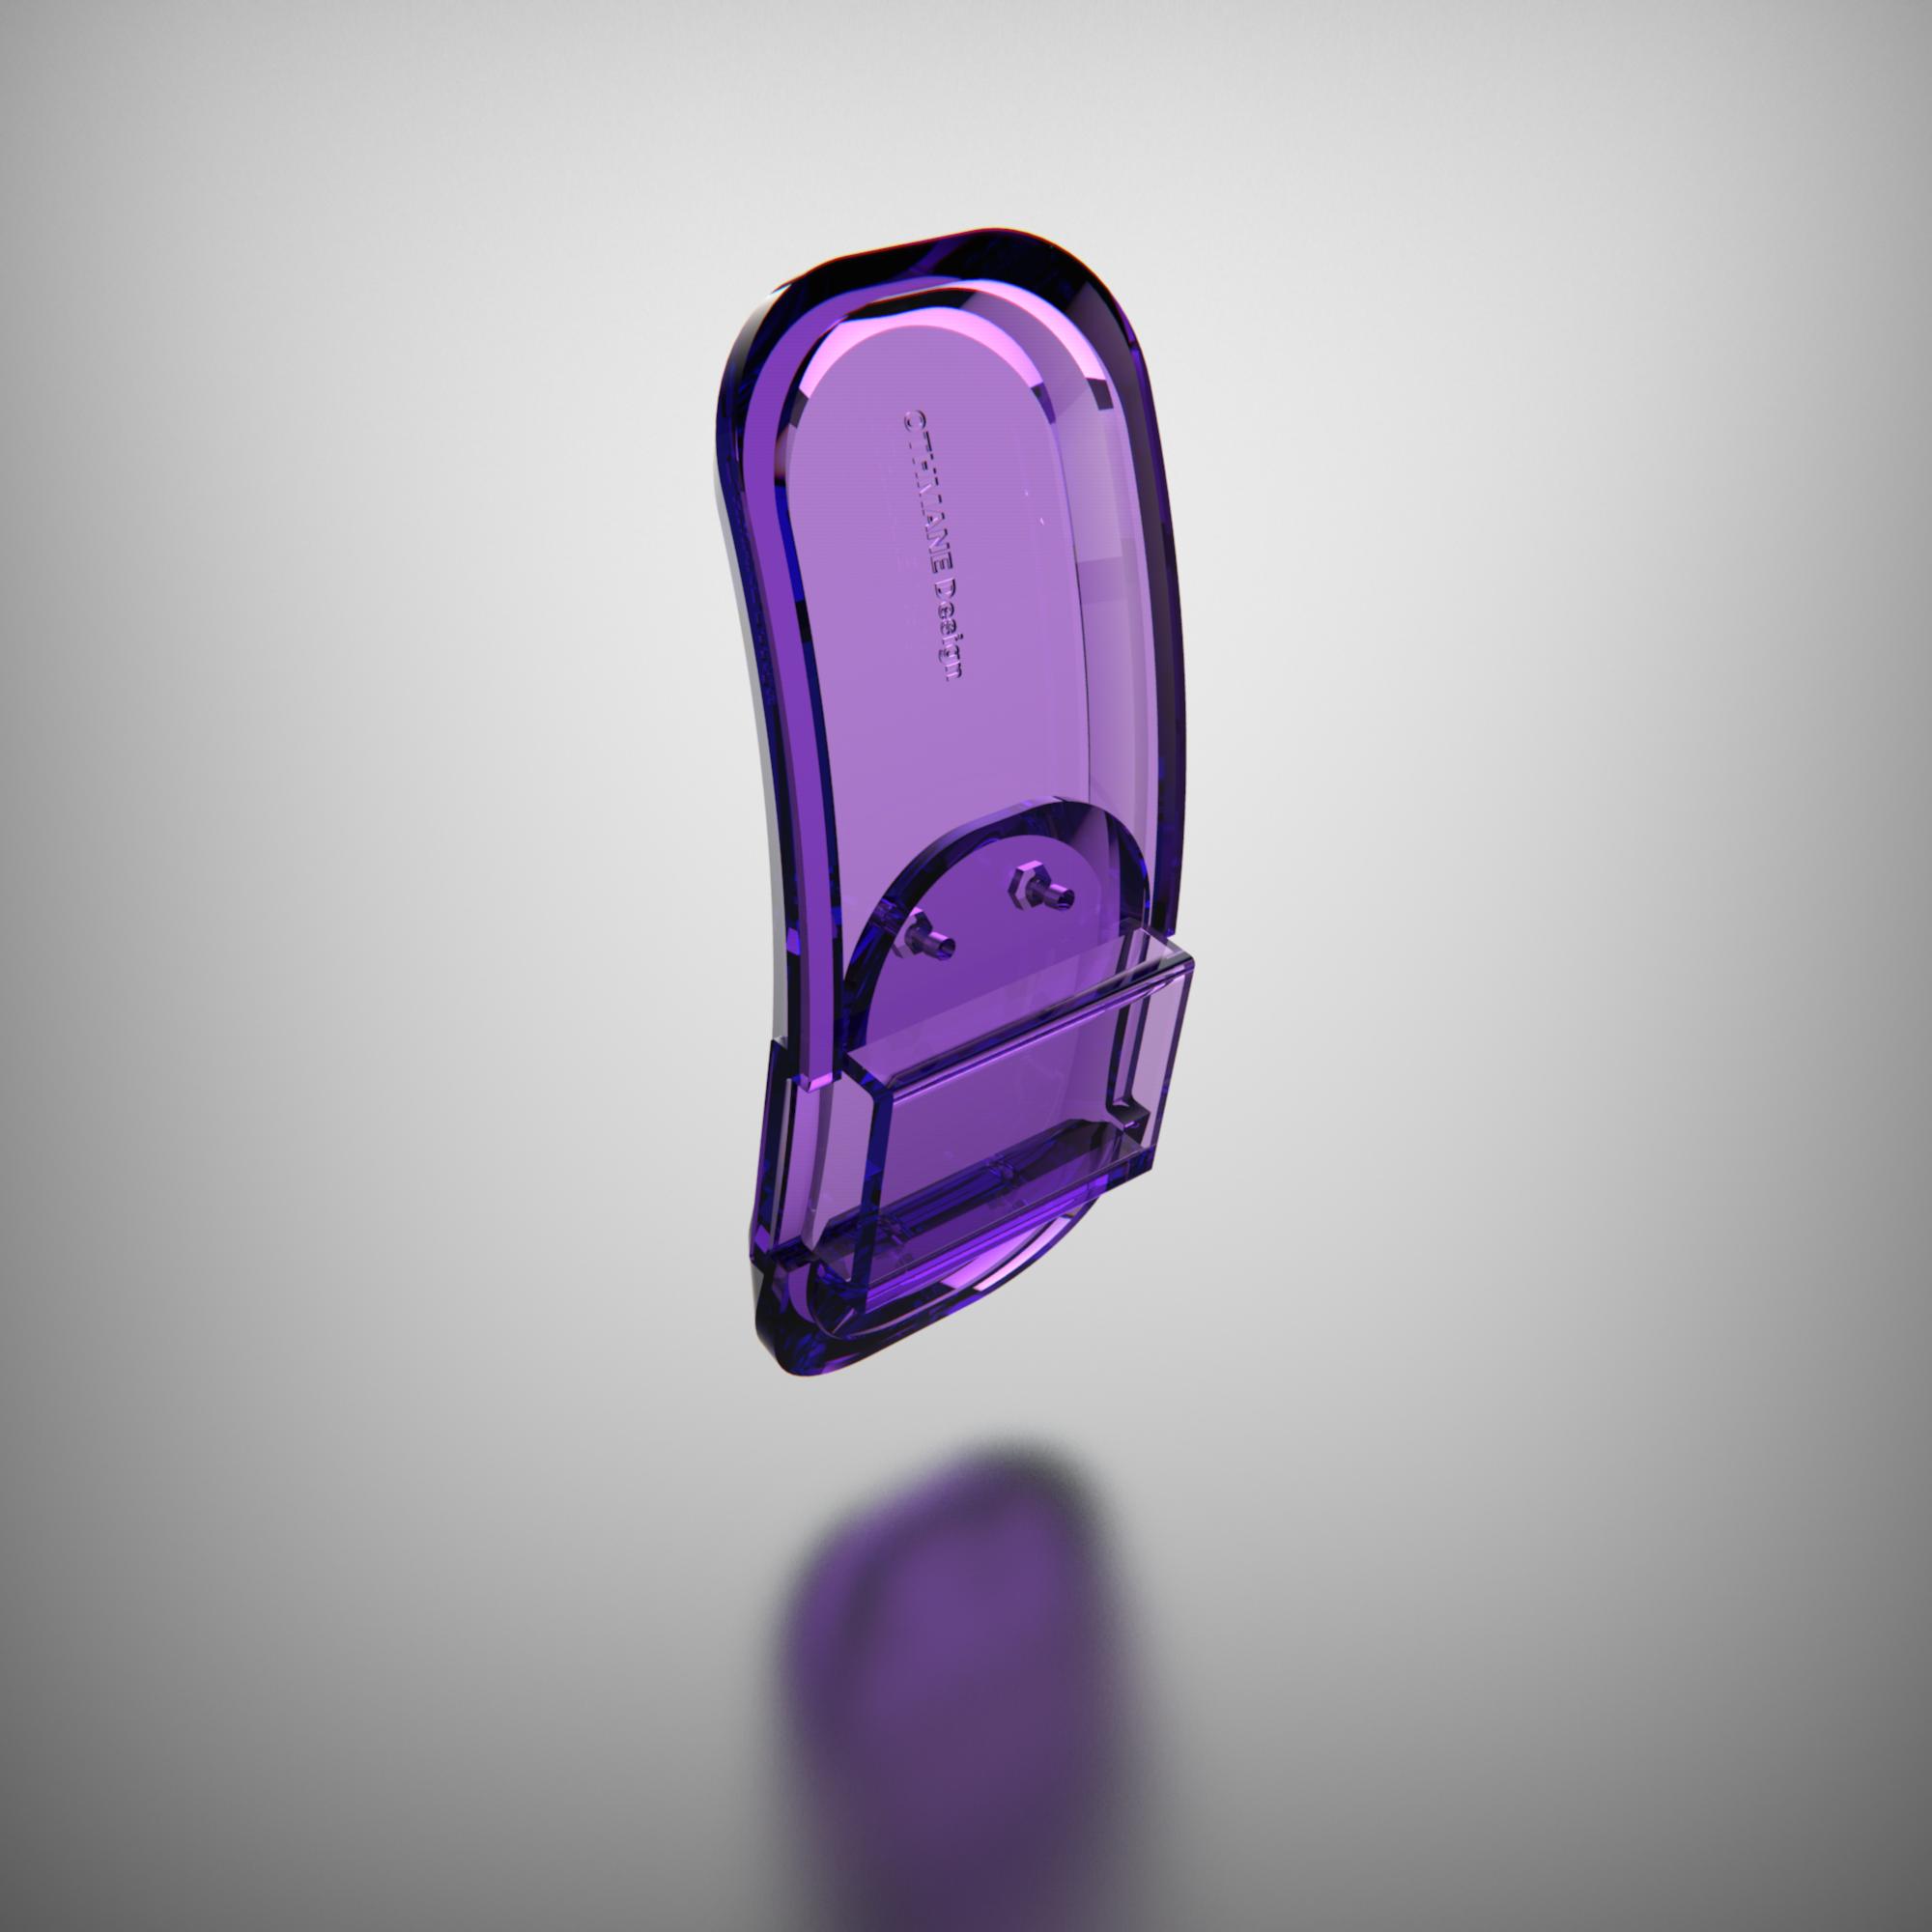 untitled3.13.png Télécharger fichier STL gratuit 3DvsCOVID19 Sauterelles PARAMETRIQUES DOUANIERES Mains Libres Ouvre-portes imprimées 3D pour aider à lutter contre la propagation des coronavirus • Plan pour impression 3D, Othmane